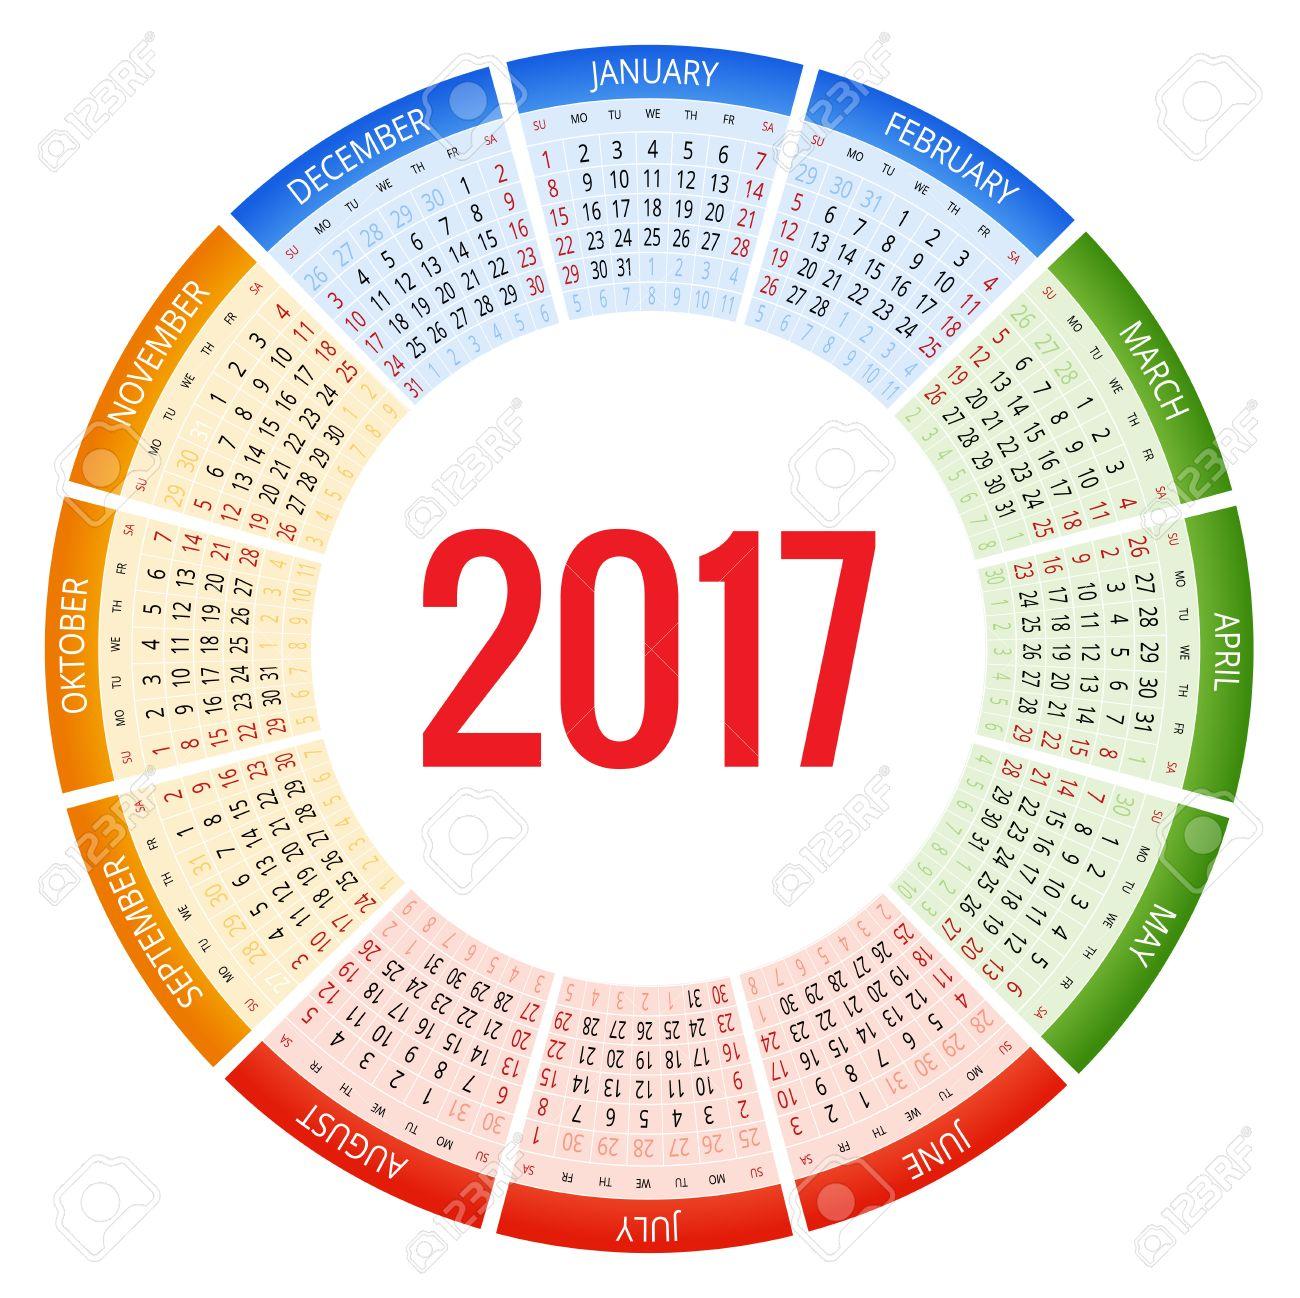 Plantilla Calendario Planificador Anual Wall En 2017 Año. Diseño Del ...